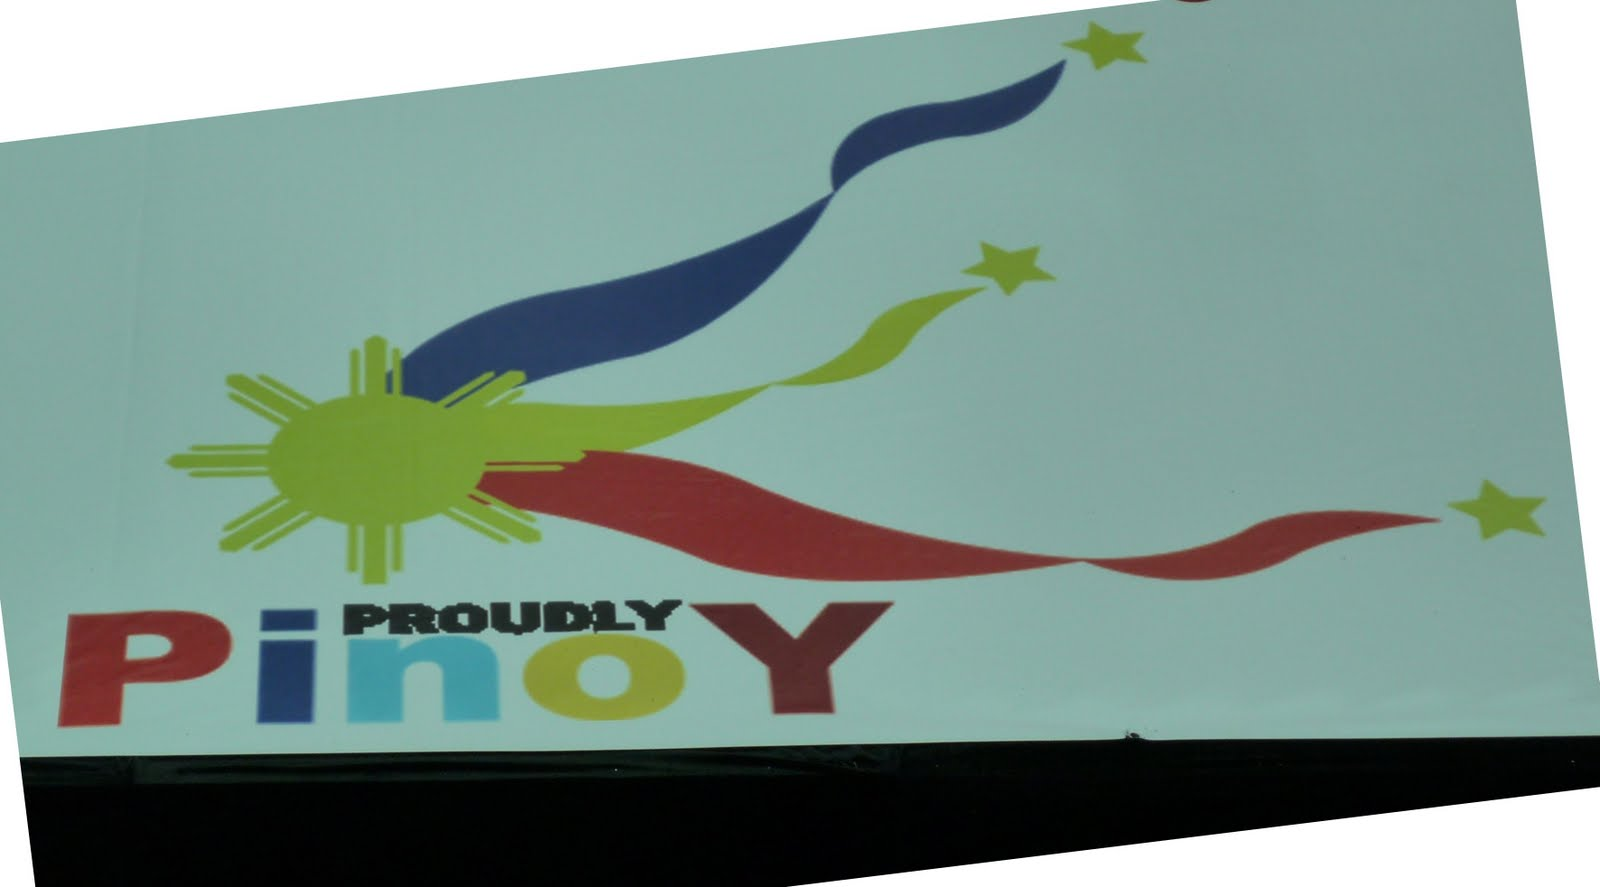 Pinoy Logo